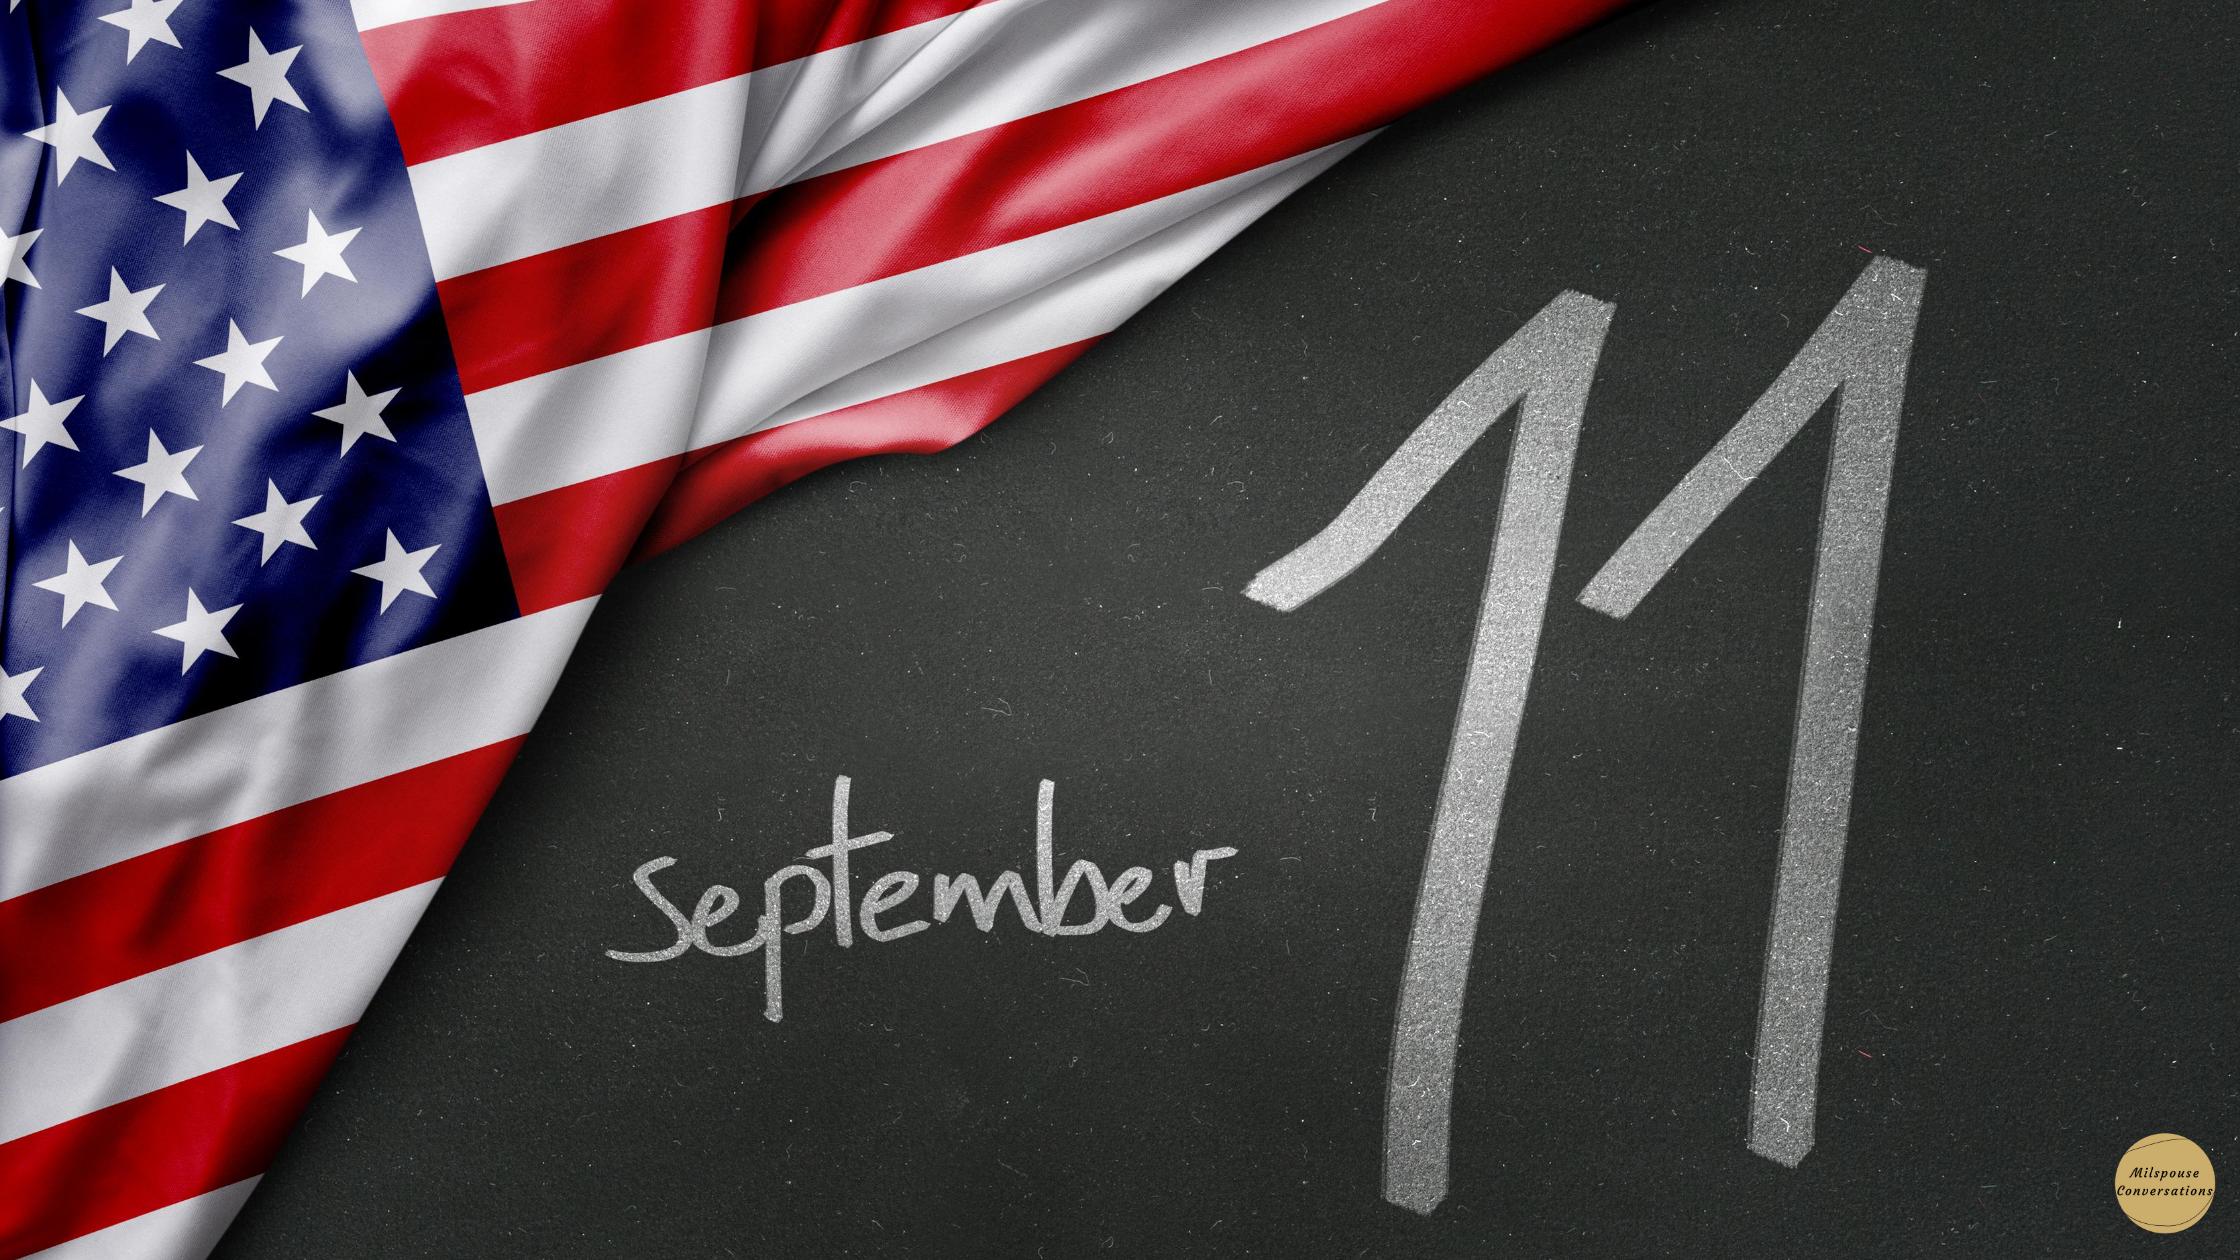 My Memory of September 11, 2001